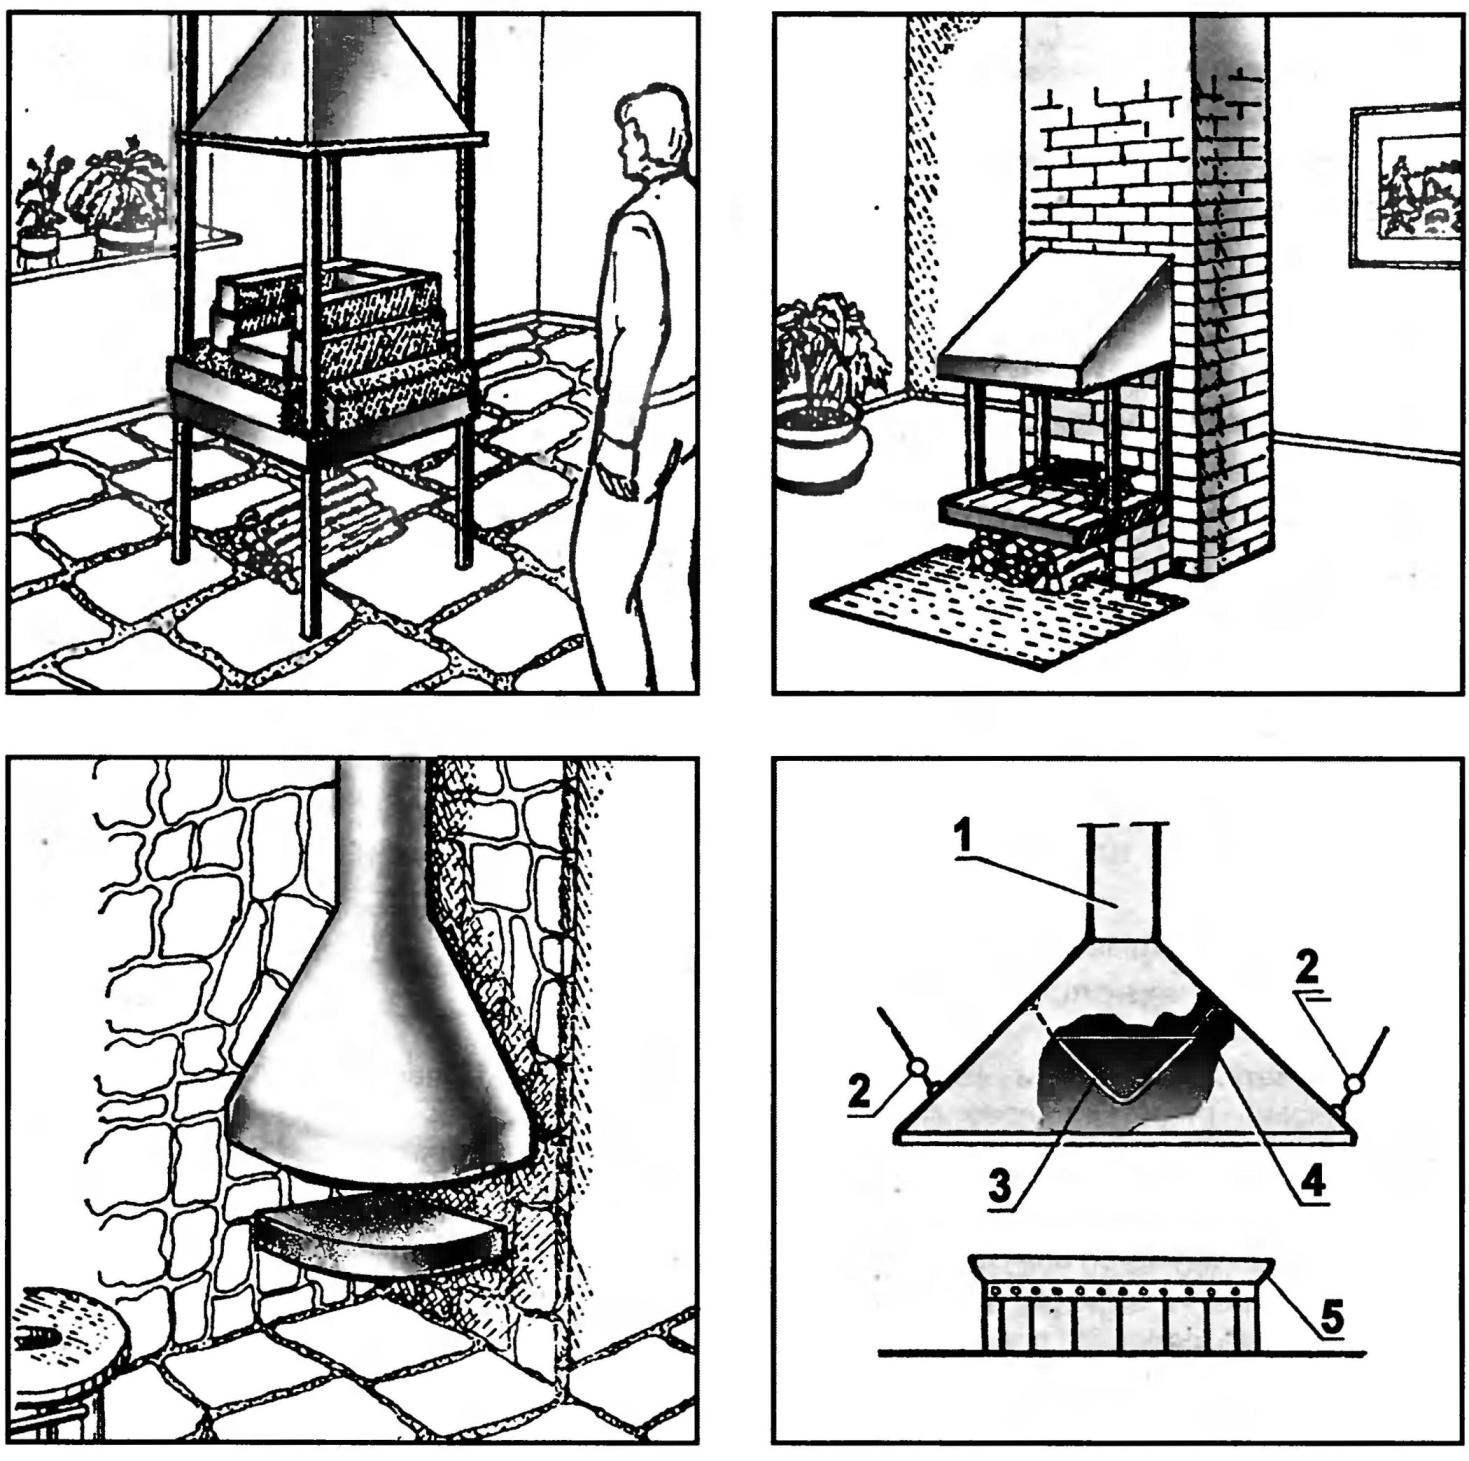 Рис. 9. Камины с открытым топливником и схема колпака-дымосборника